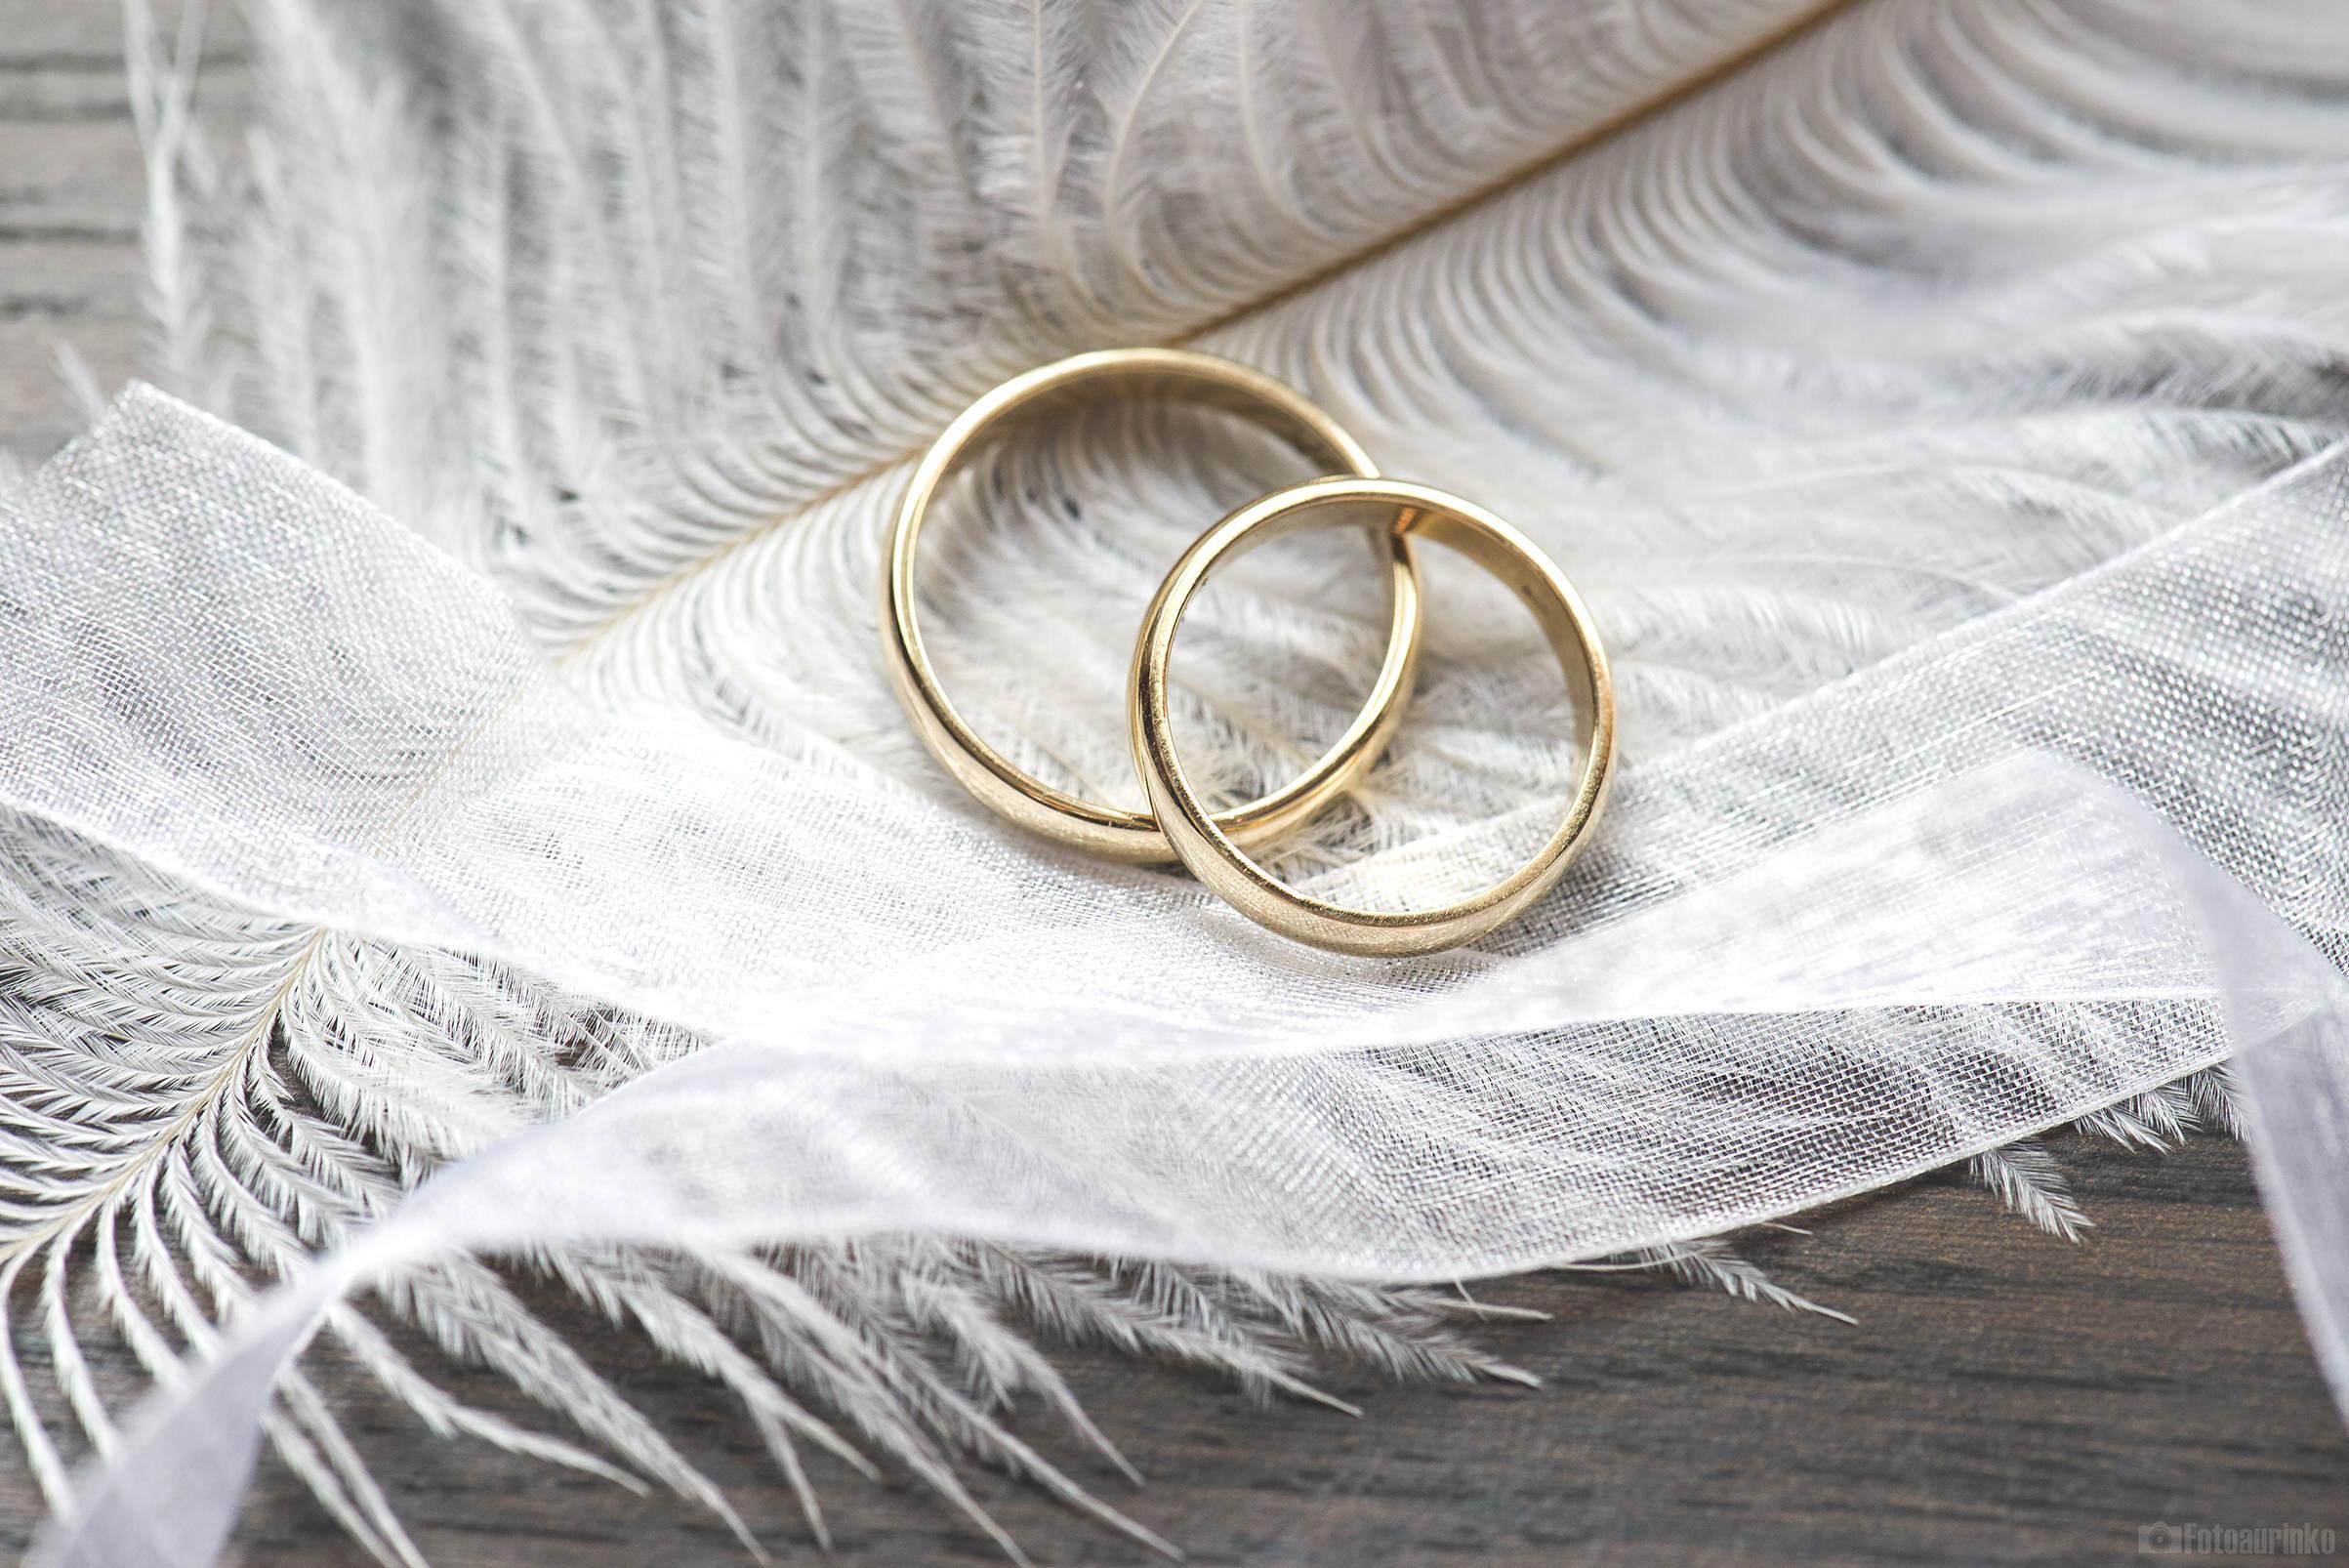 Ślub po hiszpańsku- garść informacji praktycznych, ciekawostek oraz przemyśleń